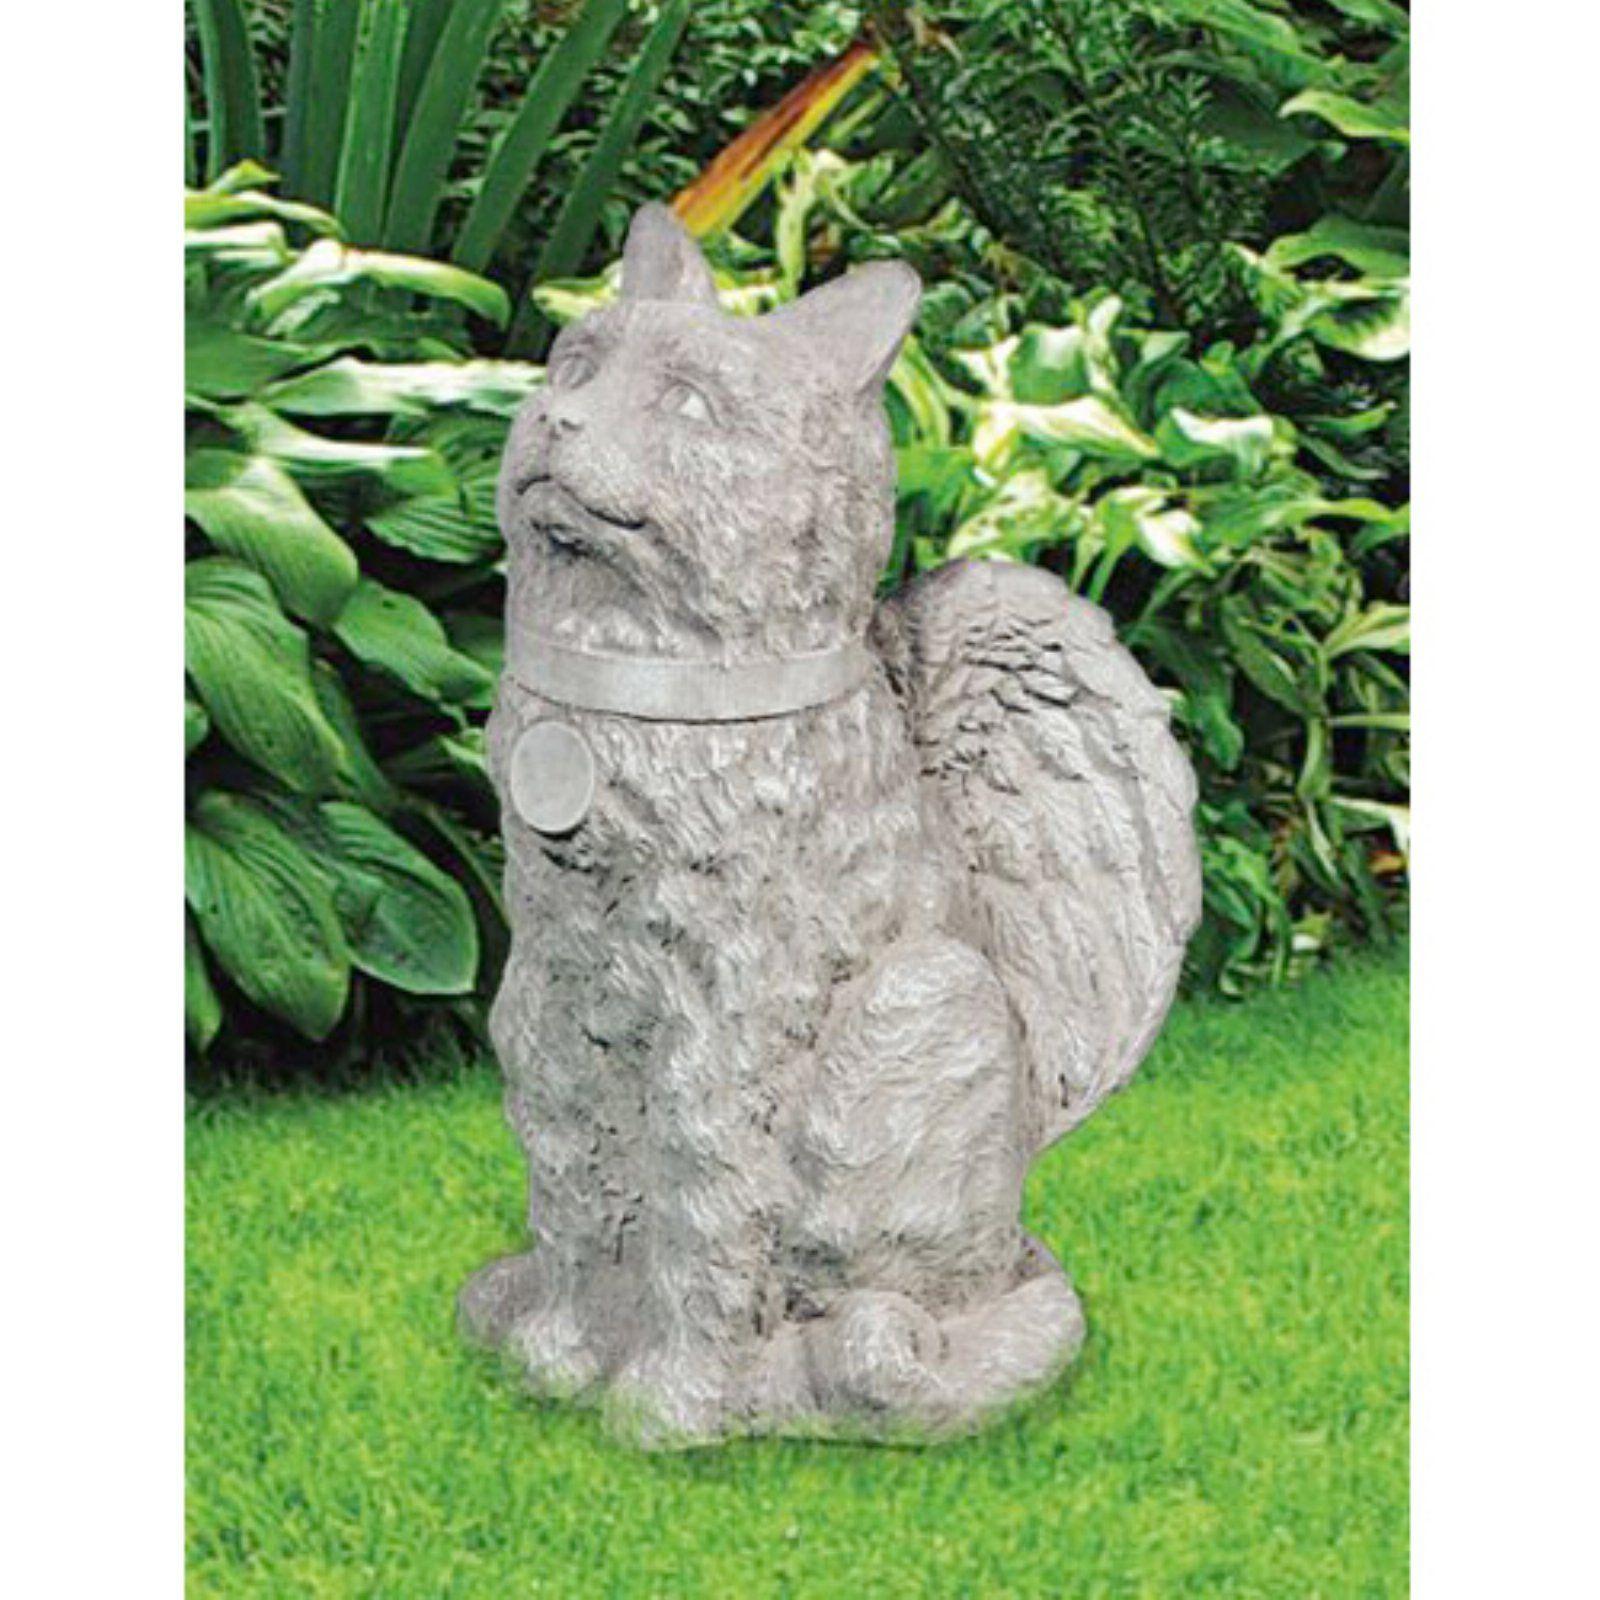 Henri Studio Angelic Cat Garden Statue With Images Garden